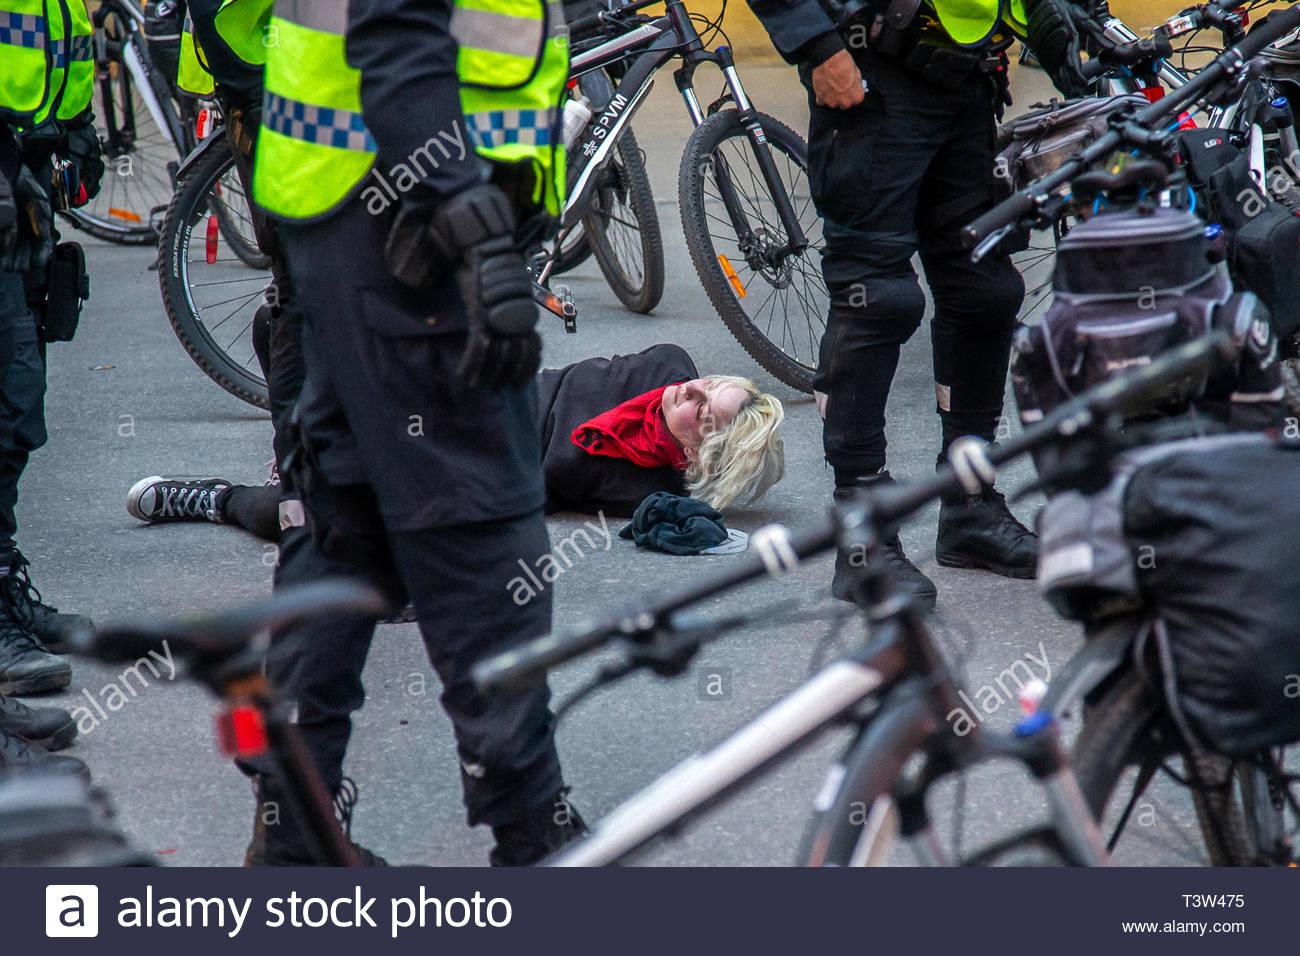 Une adolescente est arrêté et menotté au sol, au cours de la journée peut-démonstration. En 2018, le 1er mai, Montréal, Qc, Canada. Une adolescente est arrêt Photo Stock